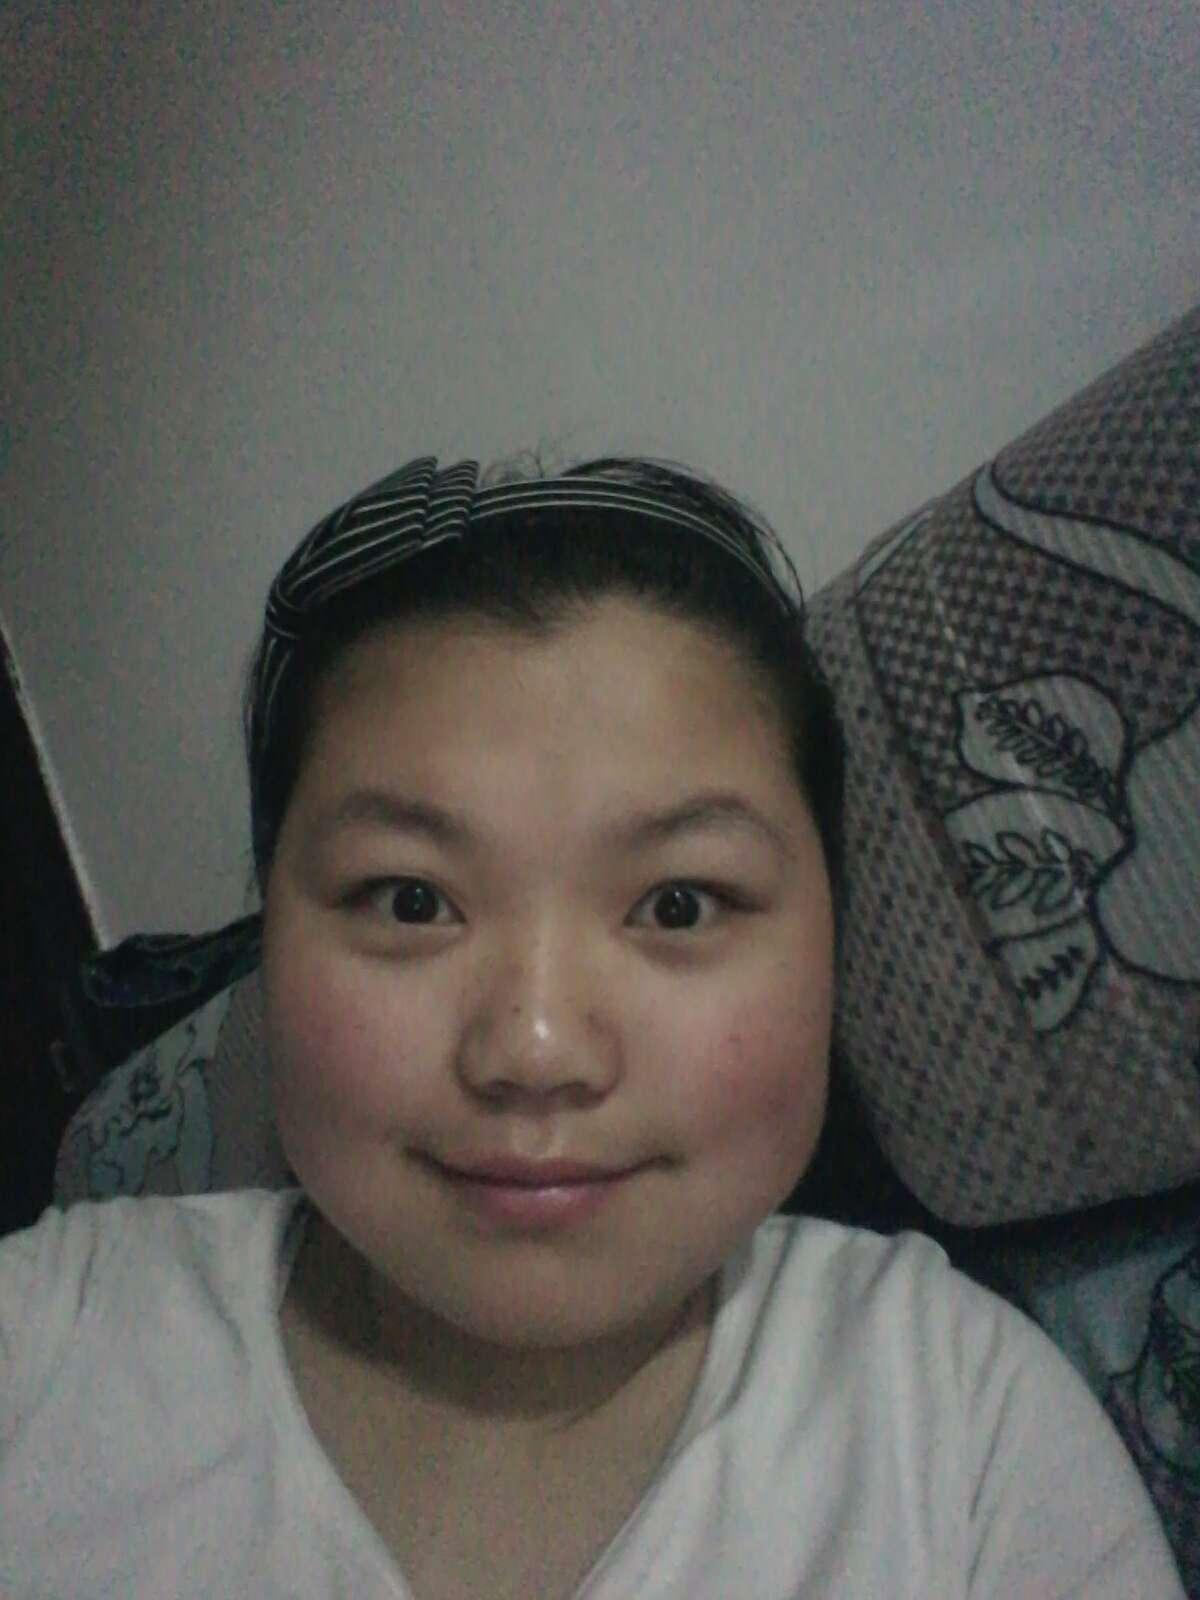 面部吸脂瘦脸会不会疼,怎么减肥,除了吸脂还有什么办法